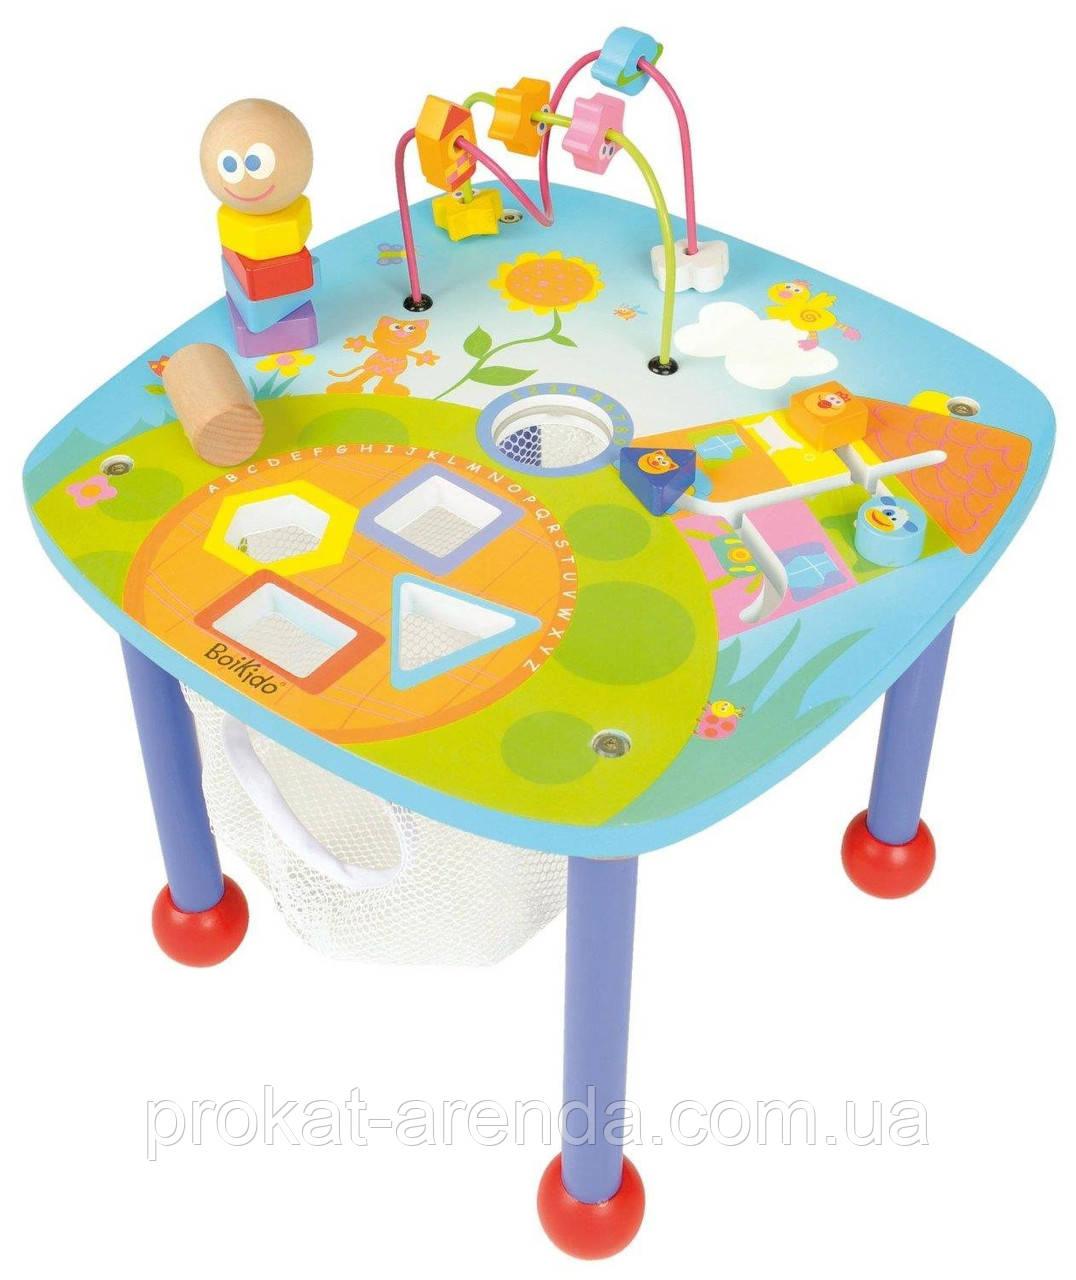 Ігровий, розвиваючий столик